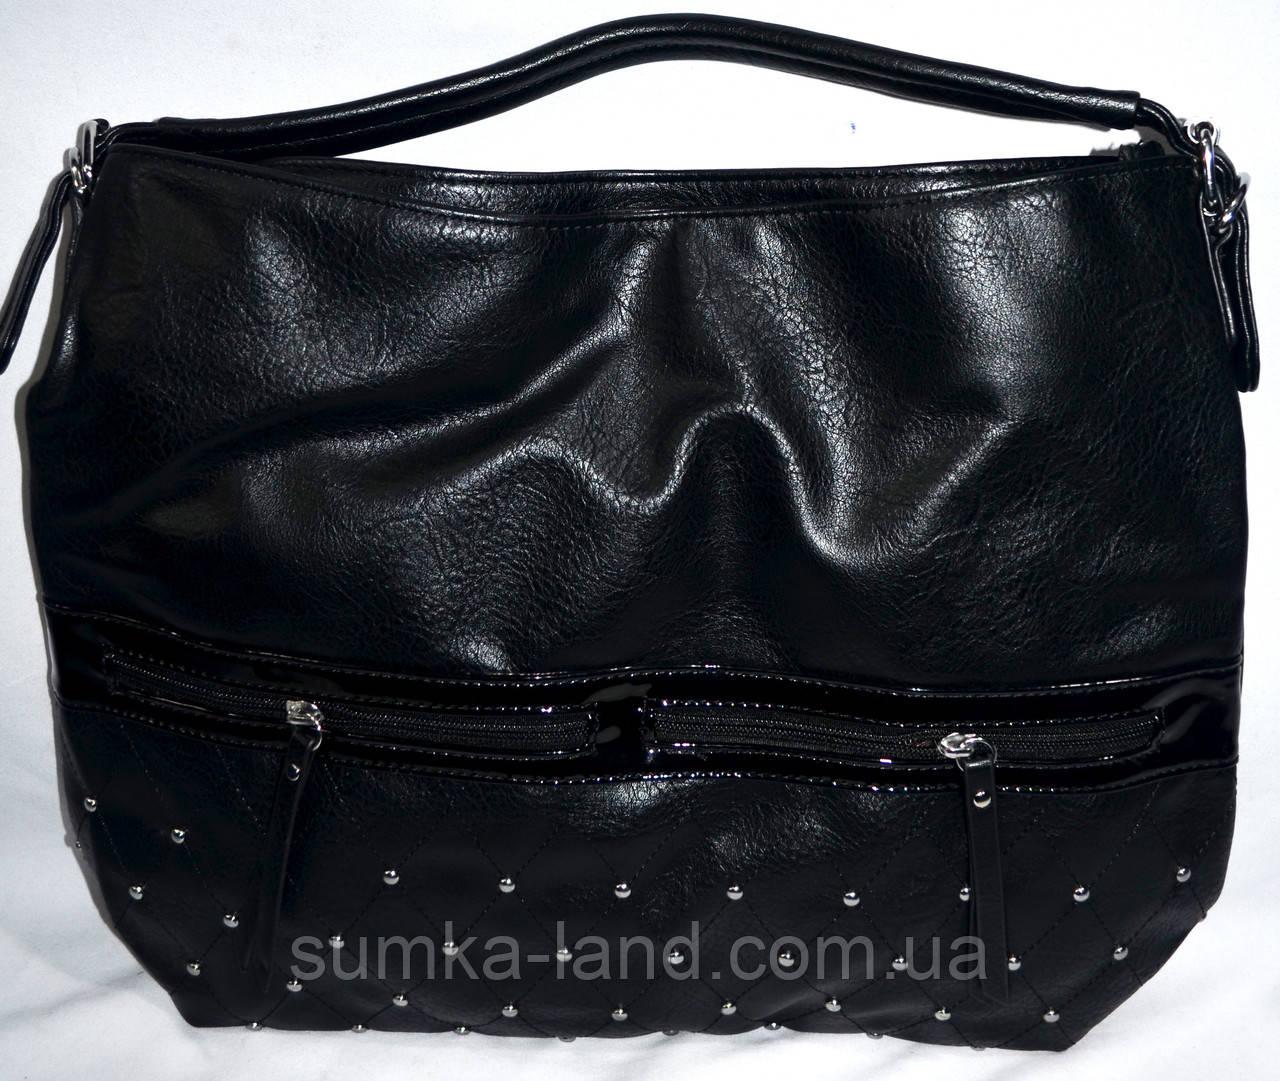 Женские сумки-торбочки из искусственной кожи на змейке 34*31 см (черная)